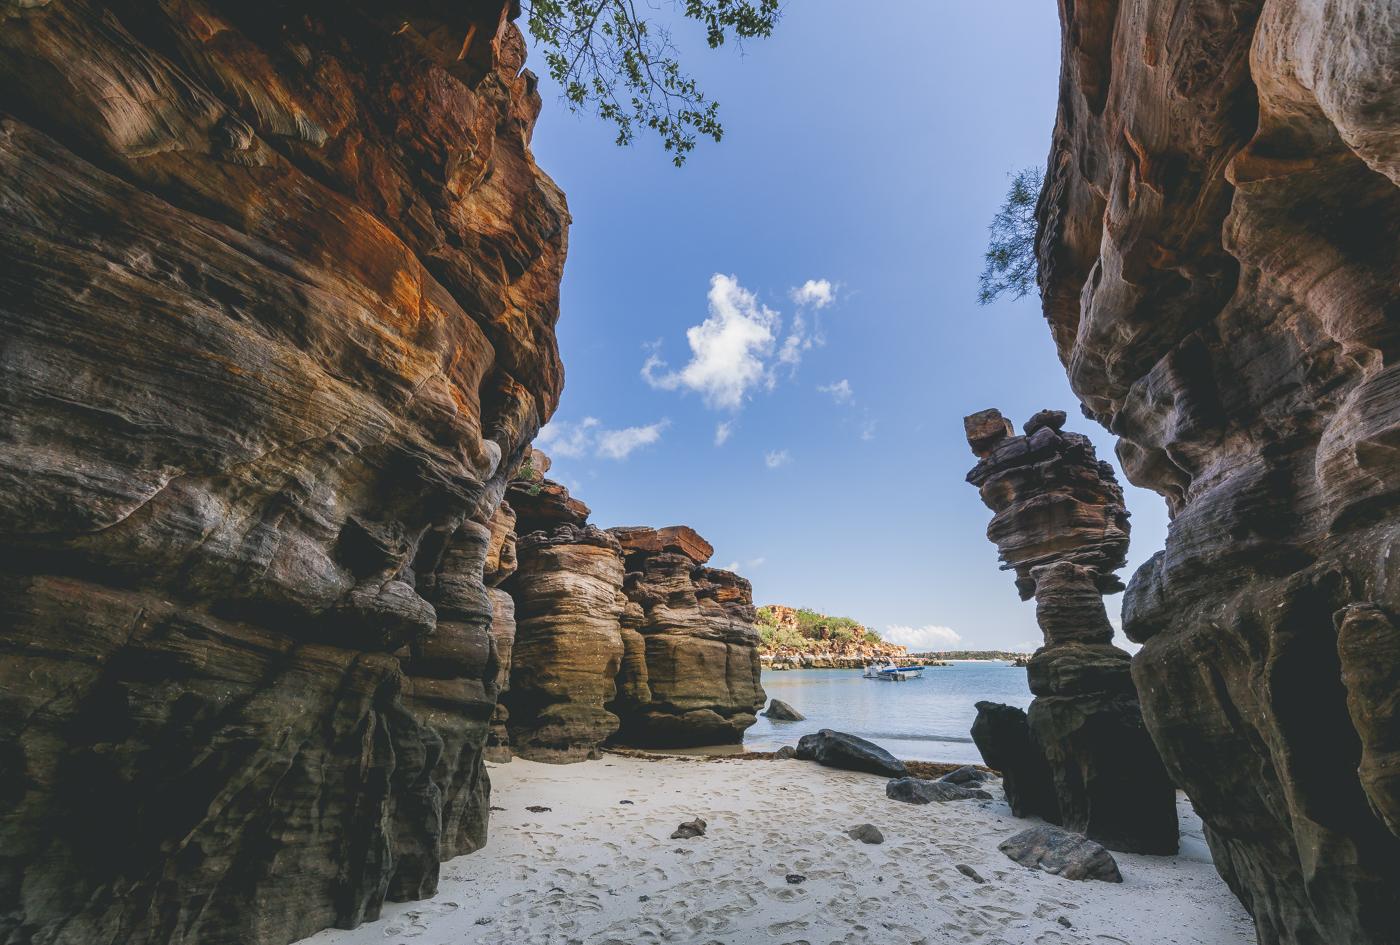 Rocks of the Kimberley coast, pic by Landi Bradshaw